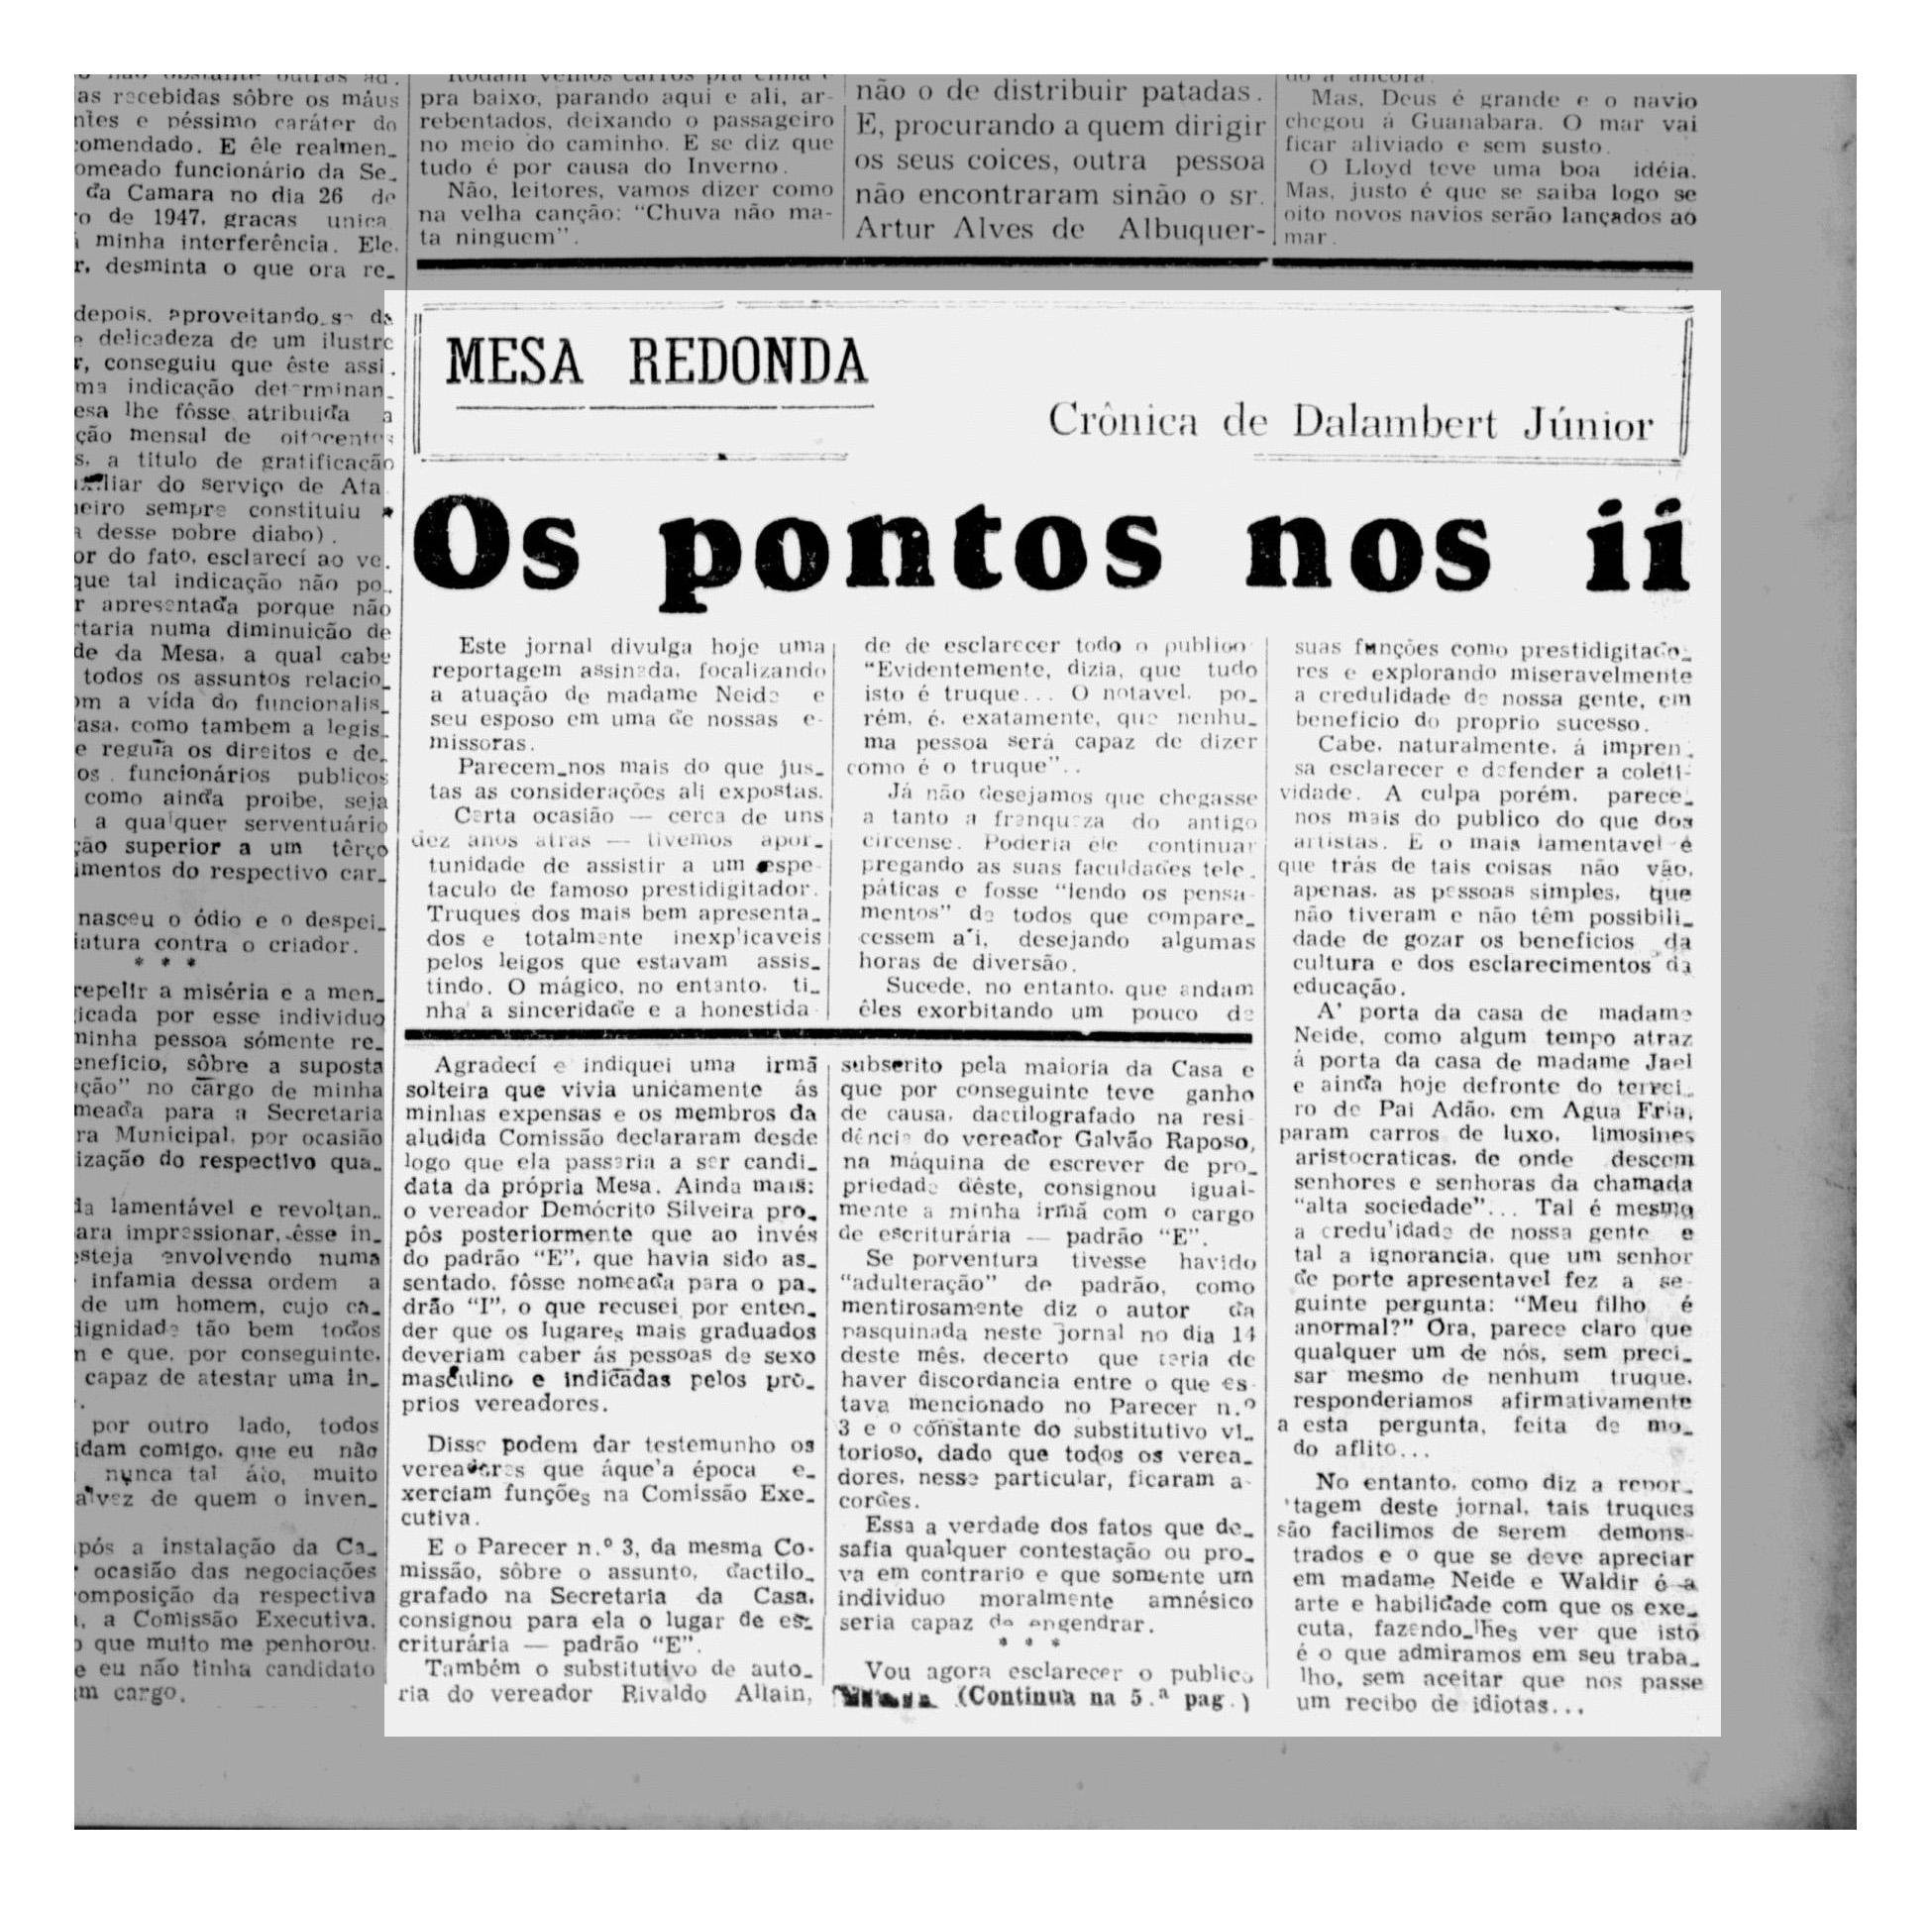 Neide-Alvares-1949-05-19_JornalPequeno_Recife-PE_02-2-copy1.jpg